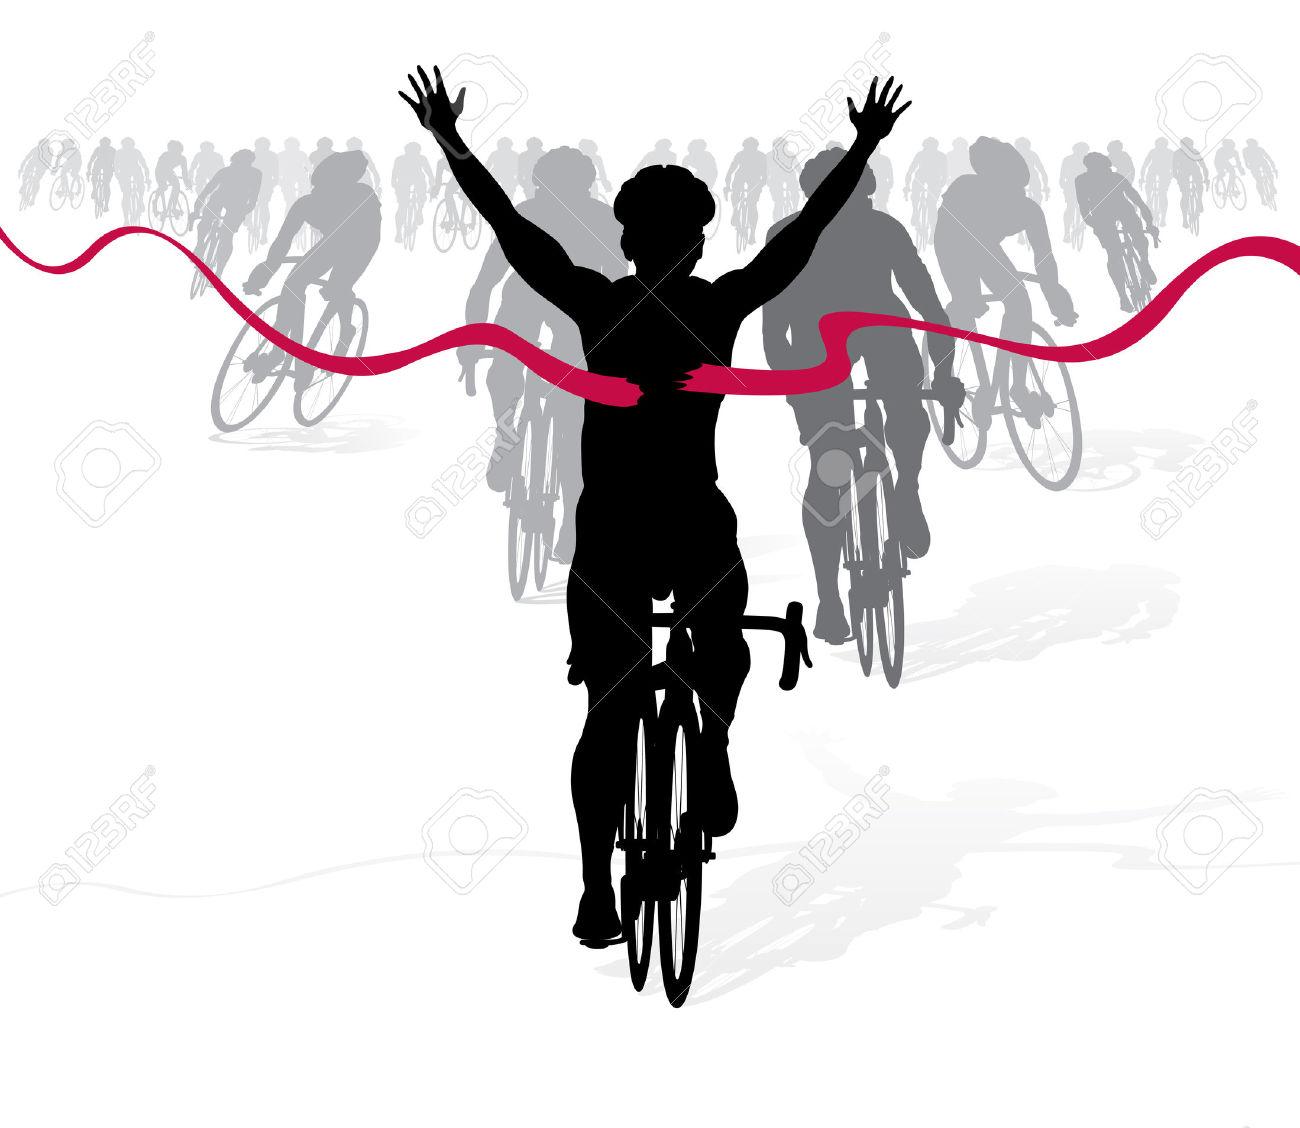 22388226 gagner cycliste traverse la ligne d arriv e dans une course banque d images